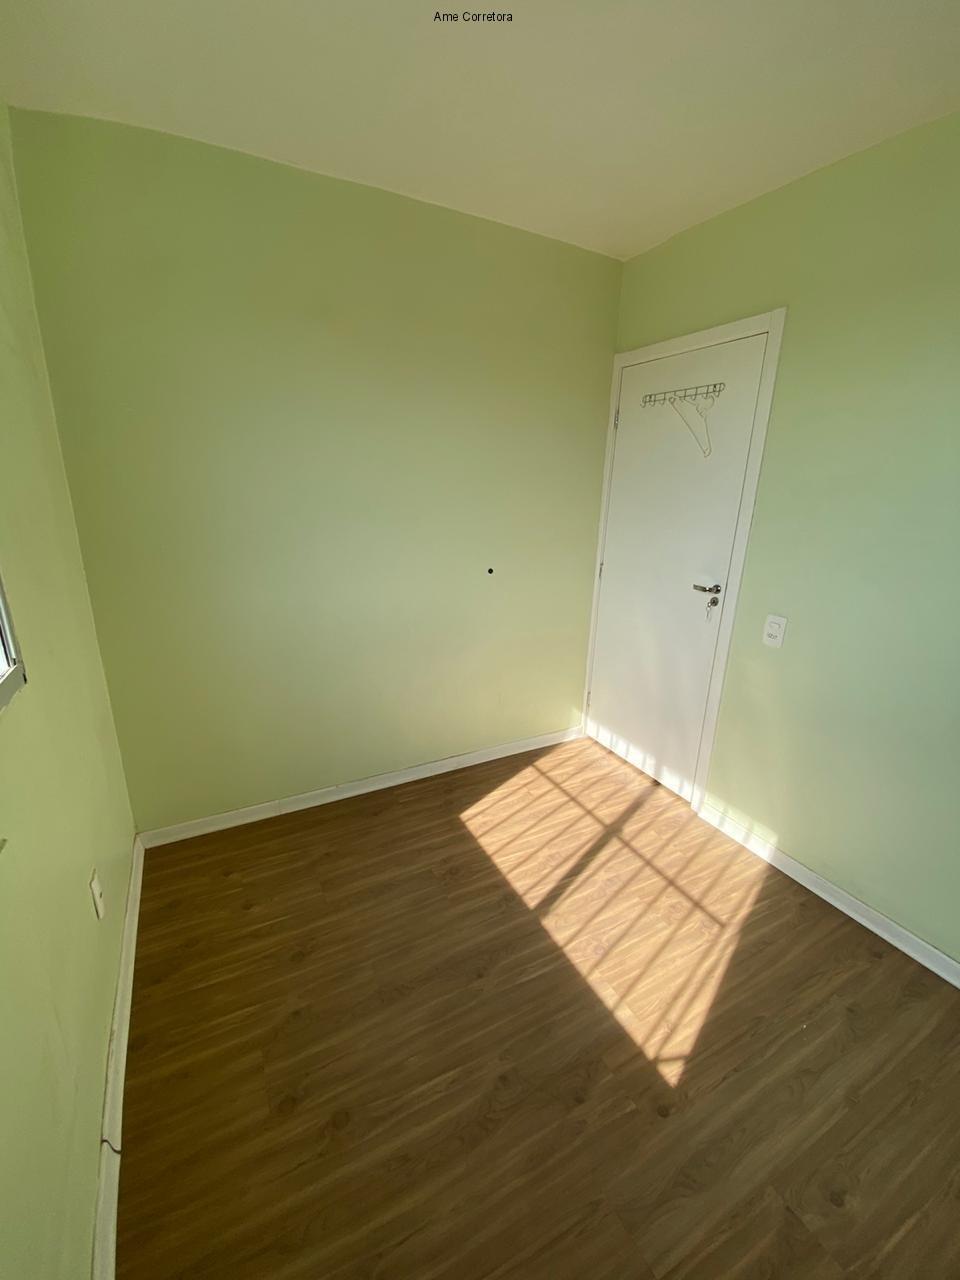 FOTO 06 - Apartamento 2 quartos à venda Rio de Janeiro,RJ - R$ 130.000 - AP00375 - 5